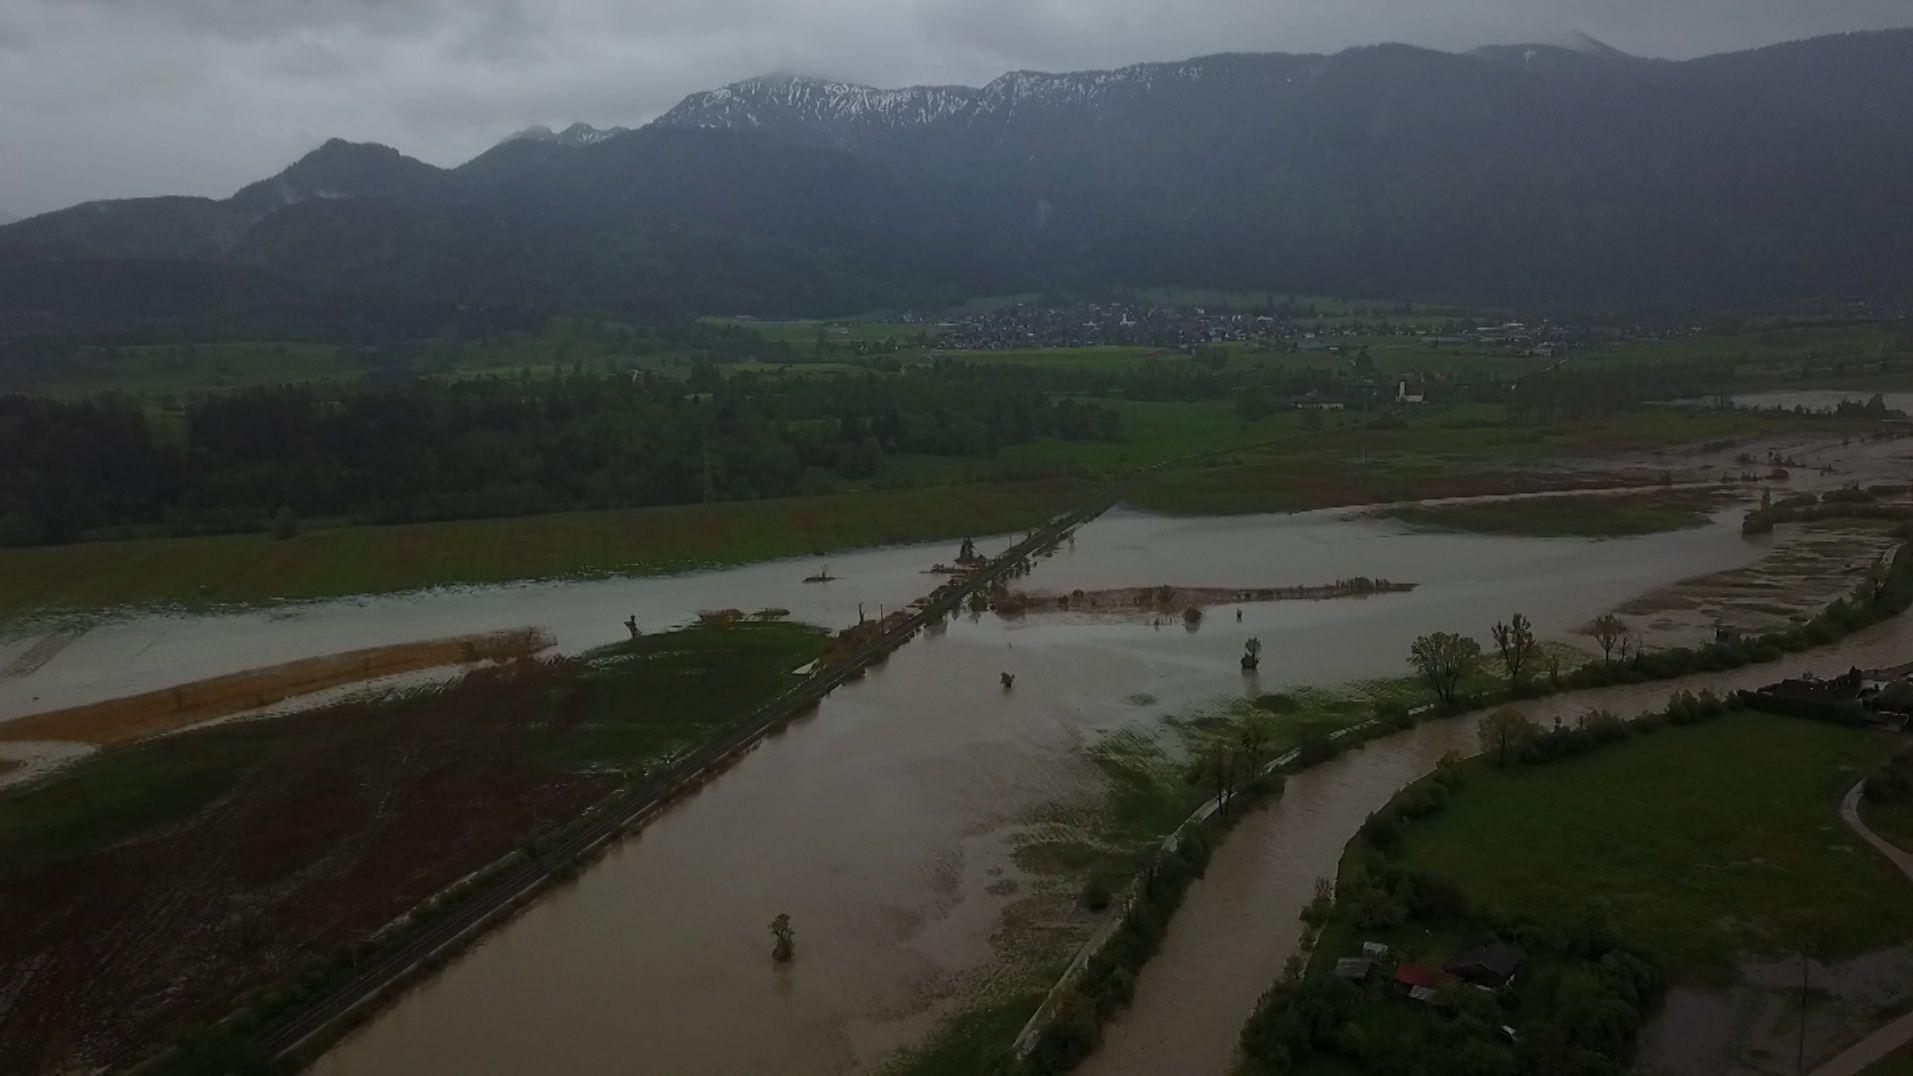 Im Oberland ist die Loisach über die Ufer getreten und hat das Murnauer Moos überflutet.